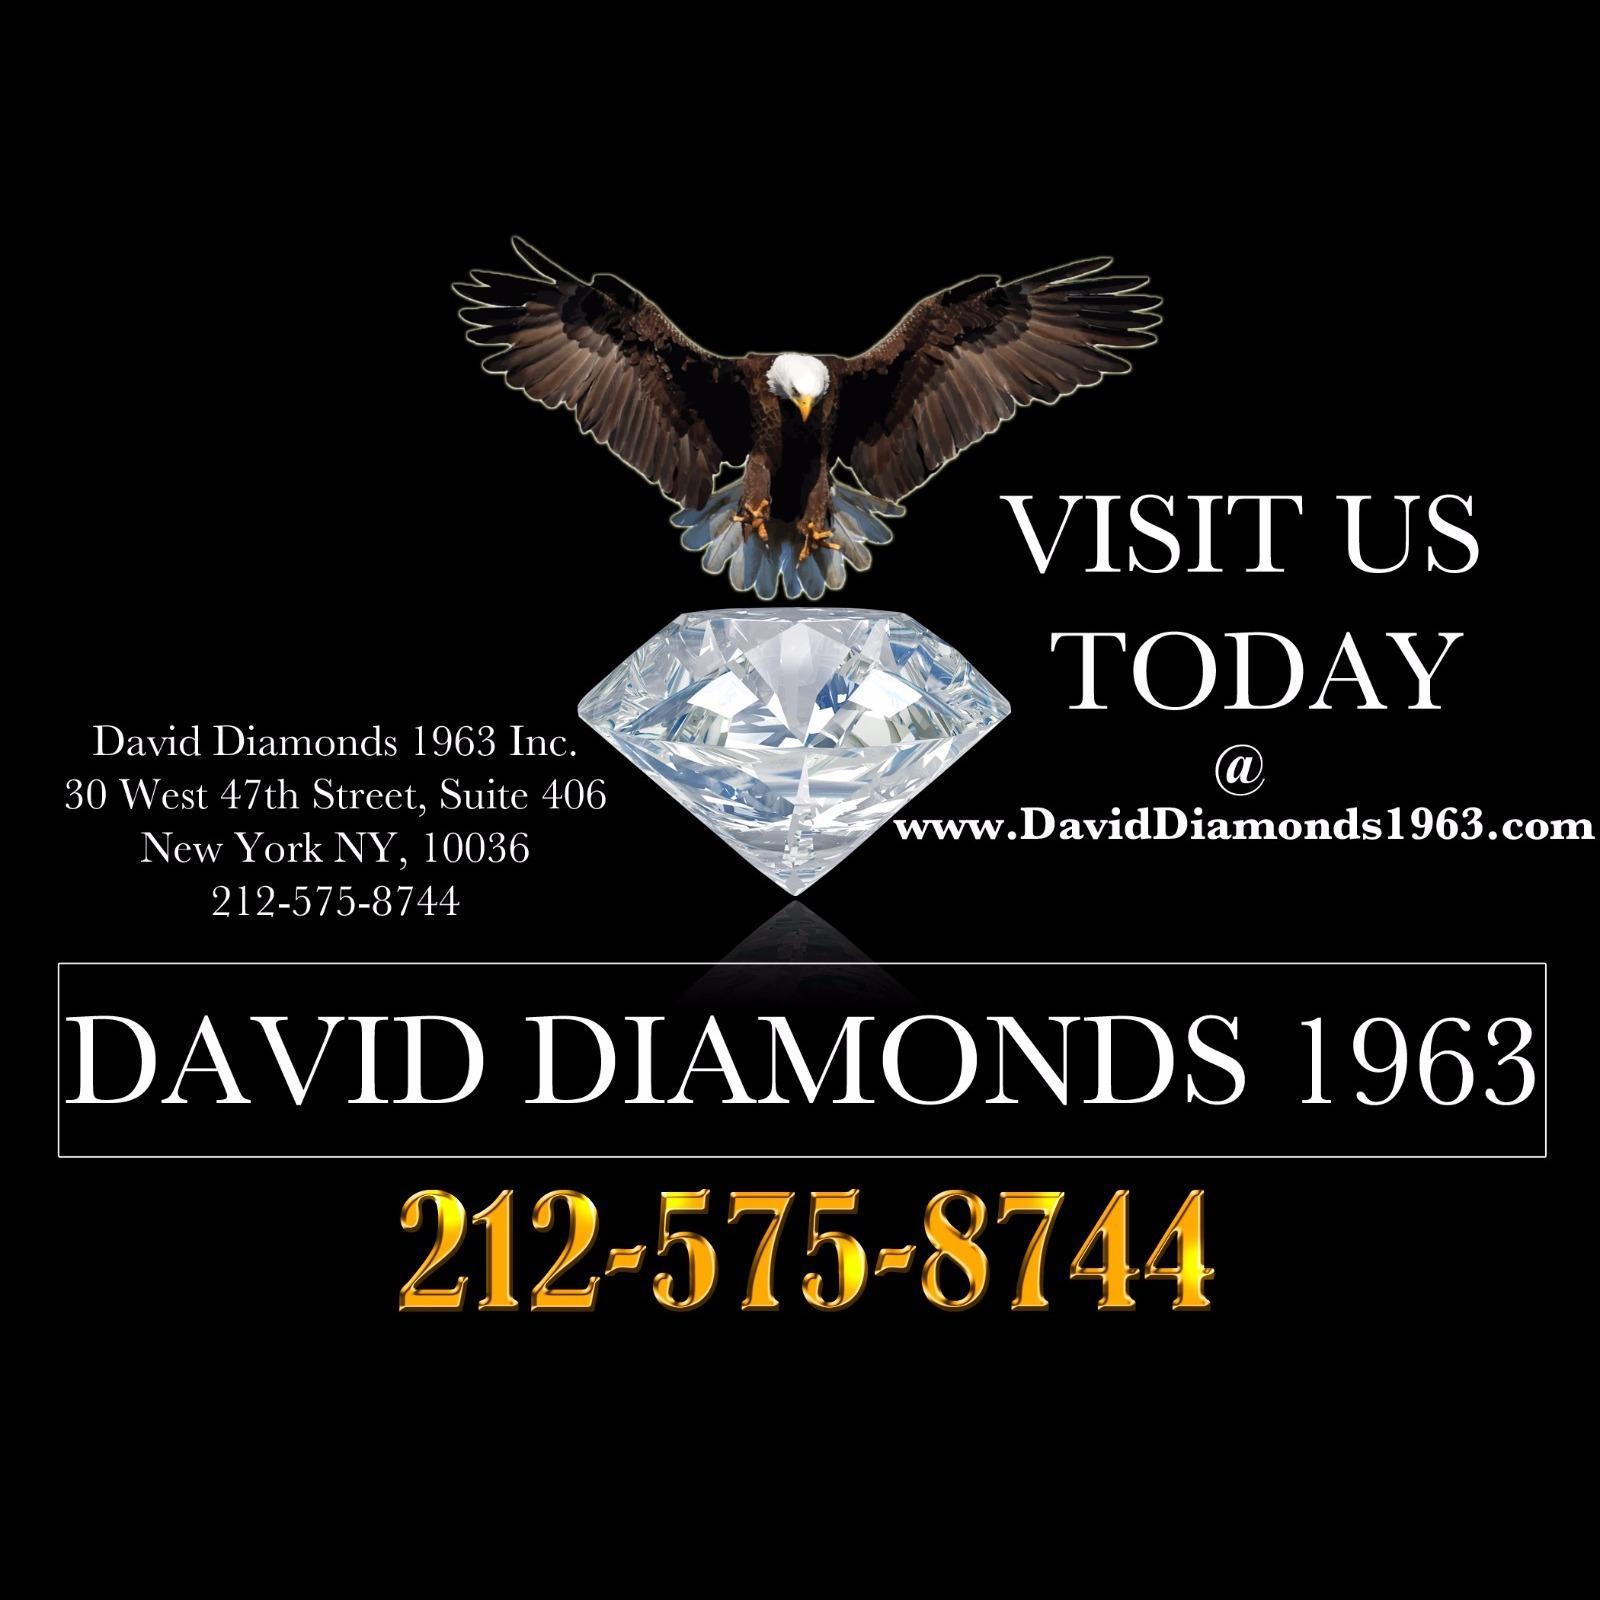 David Diamonds 1963